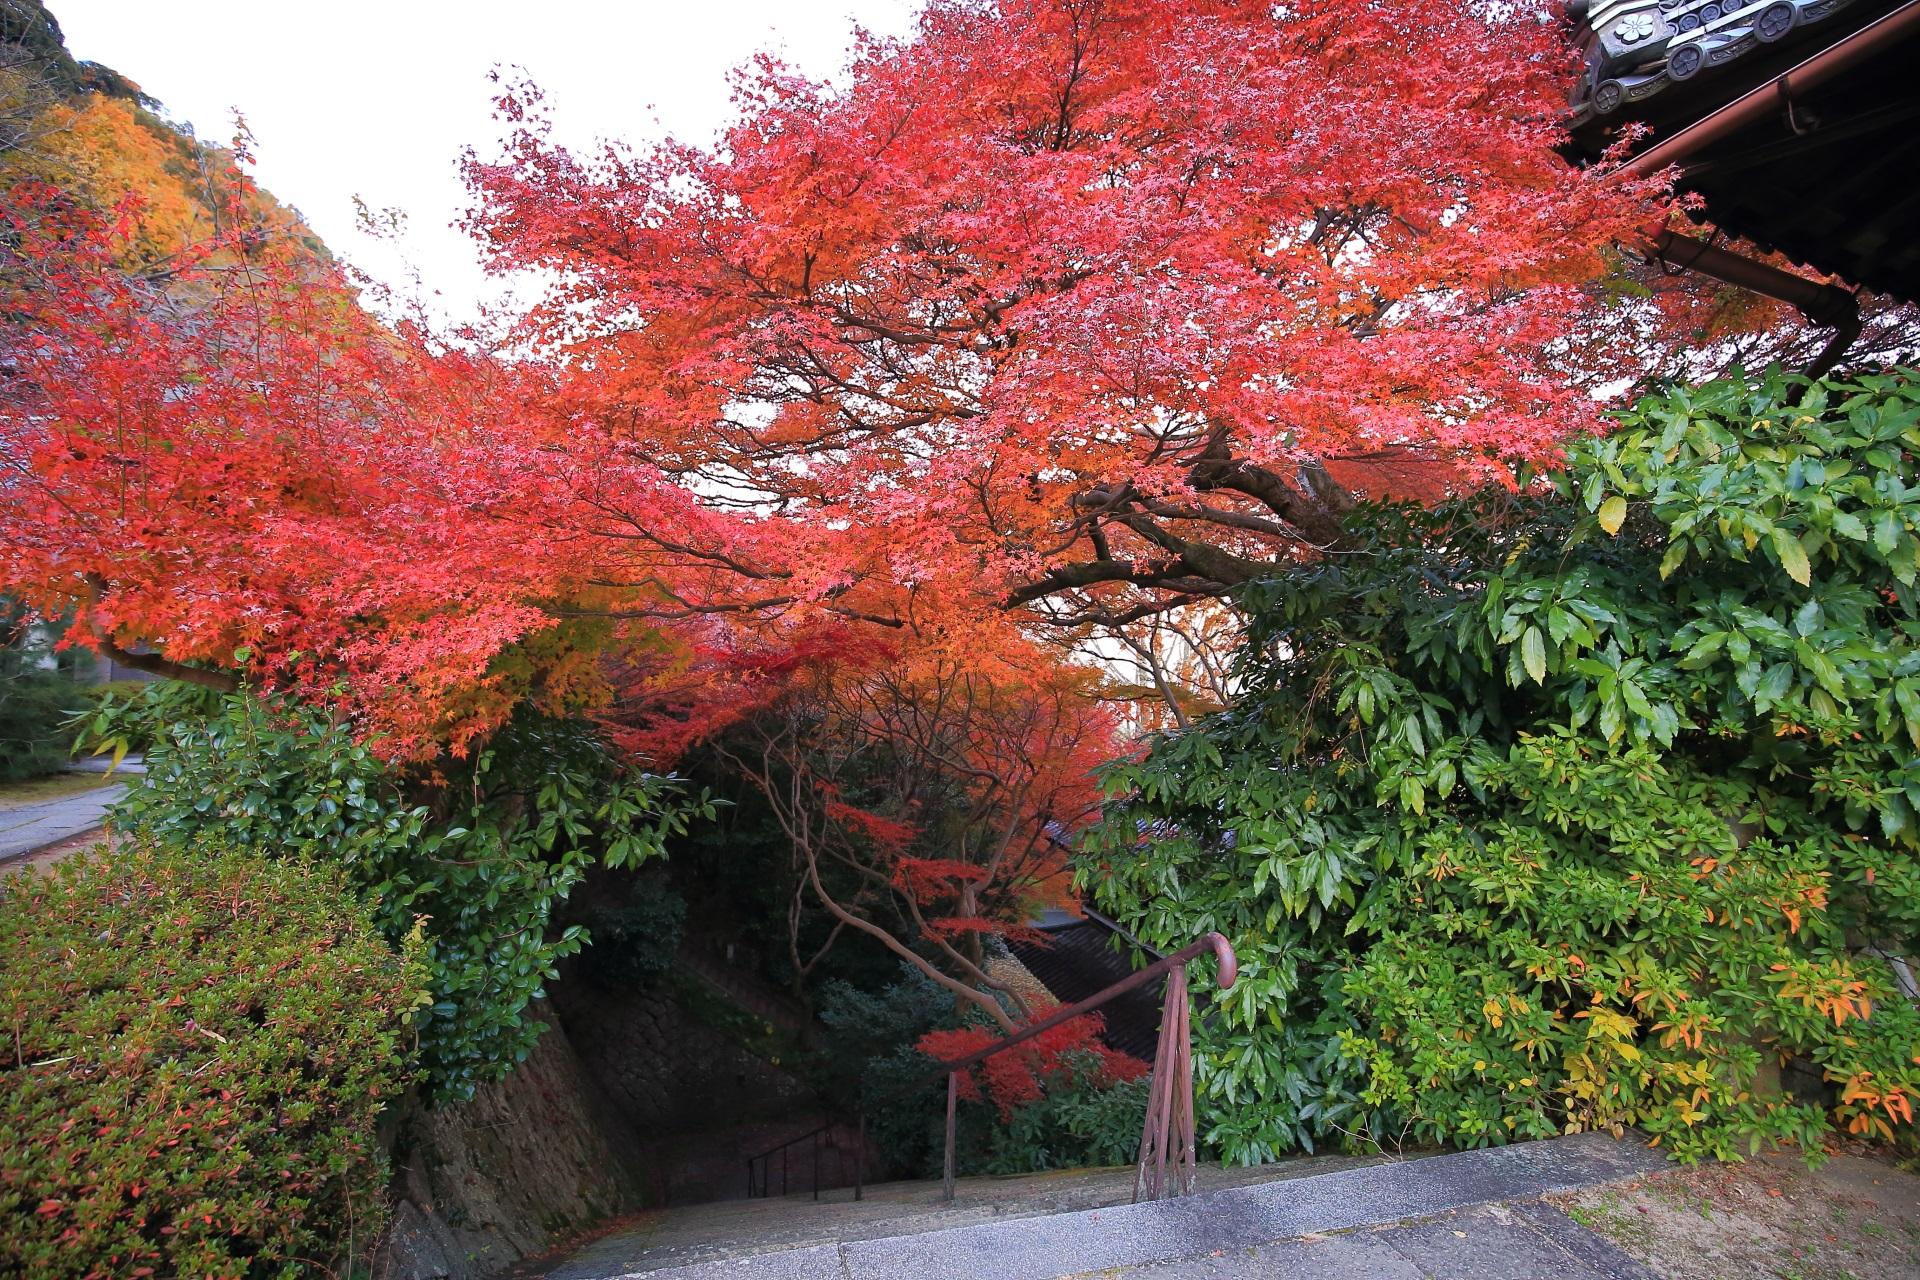 仁王門へ続く石段で華やぐ赤い紅葉